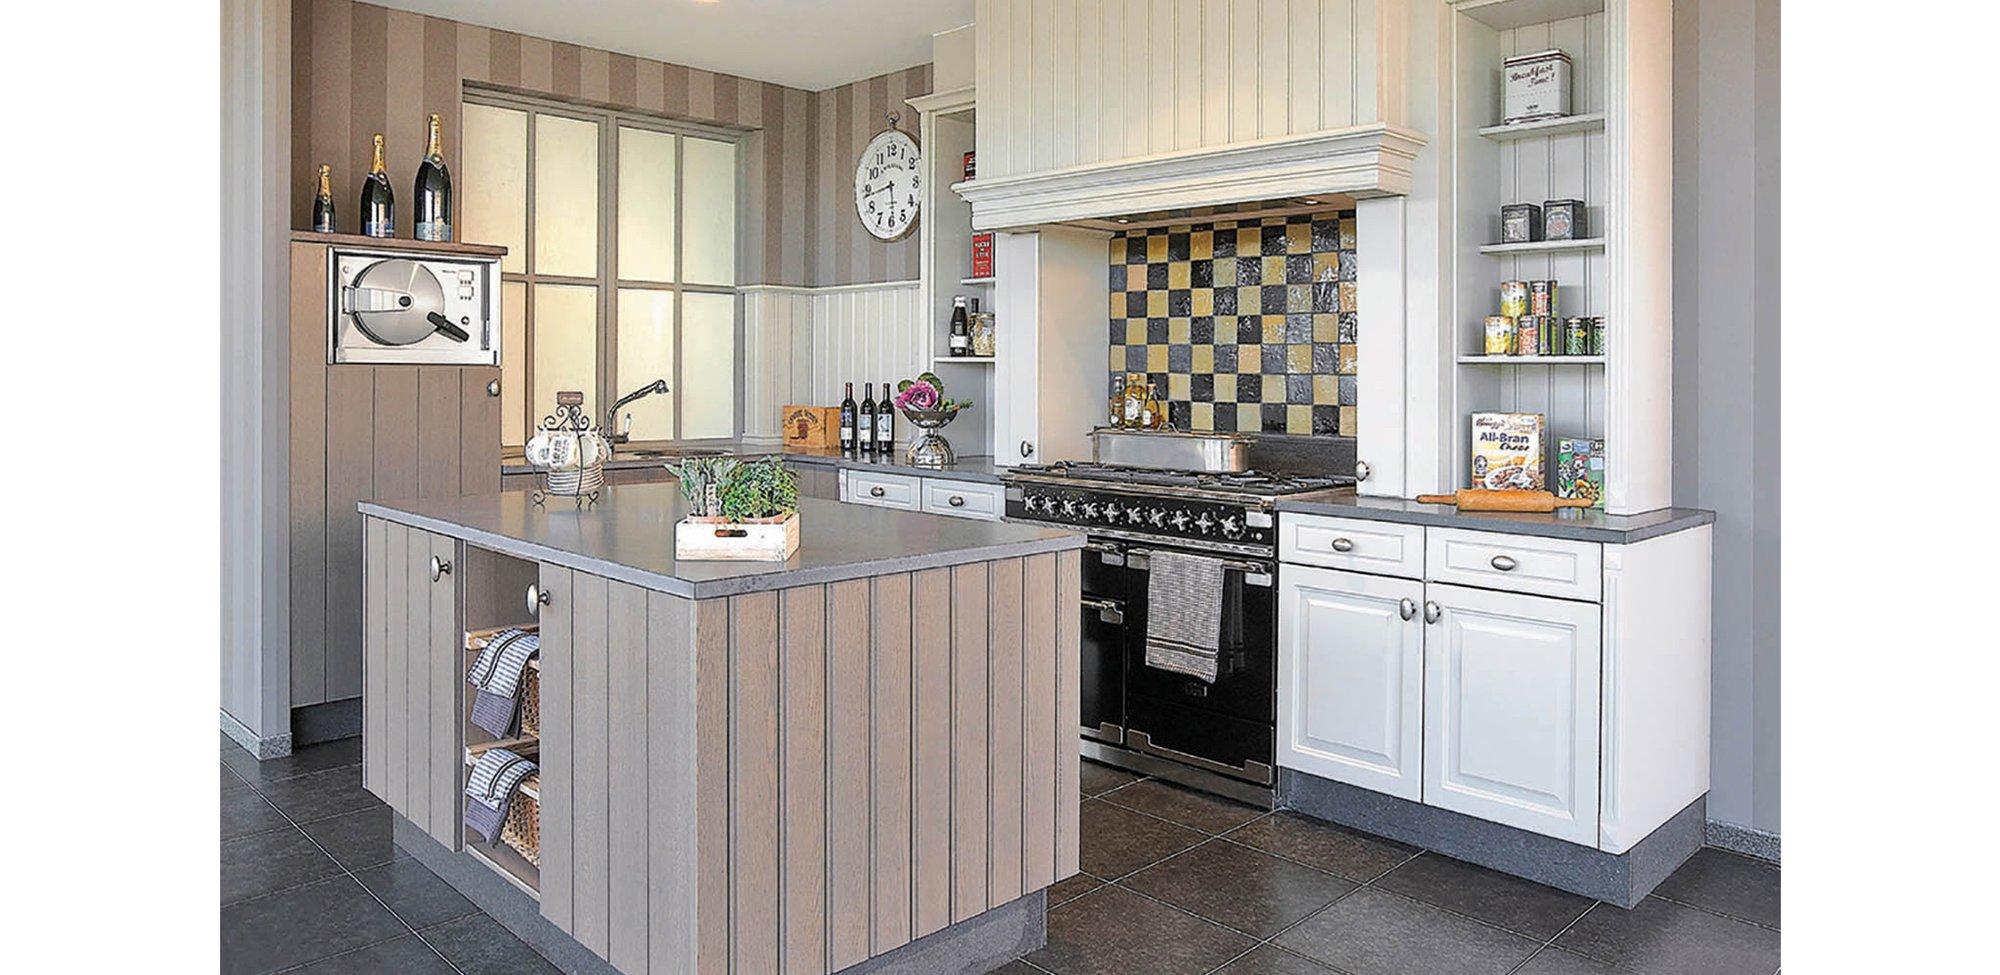 Landelijke keuken cottage stijl - Model Cottage / Provence